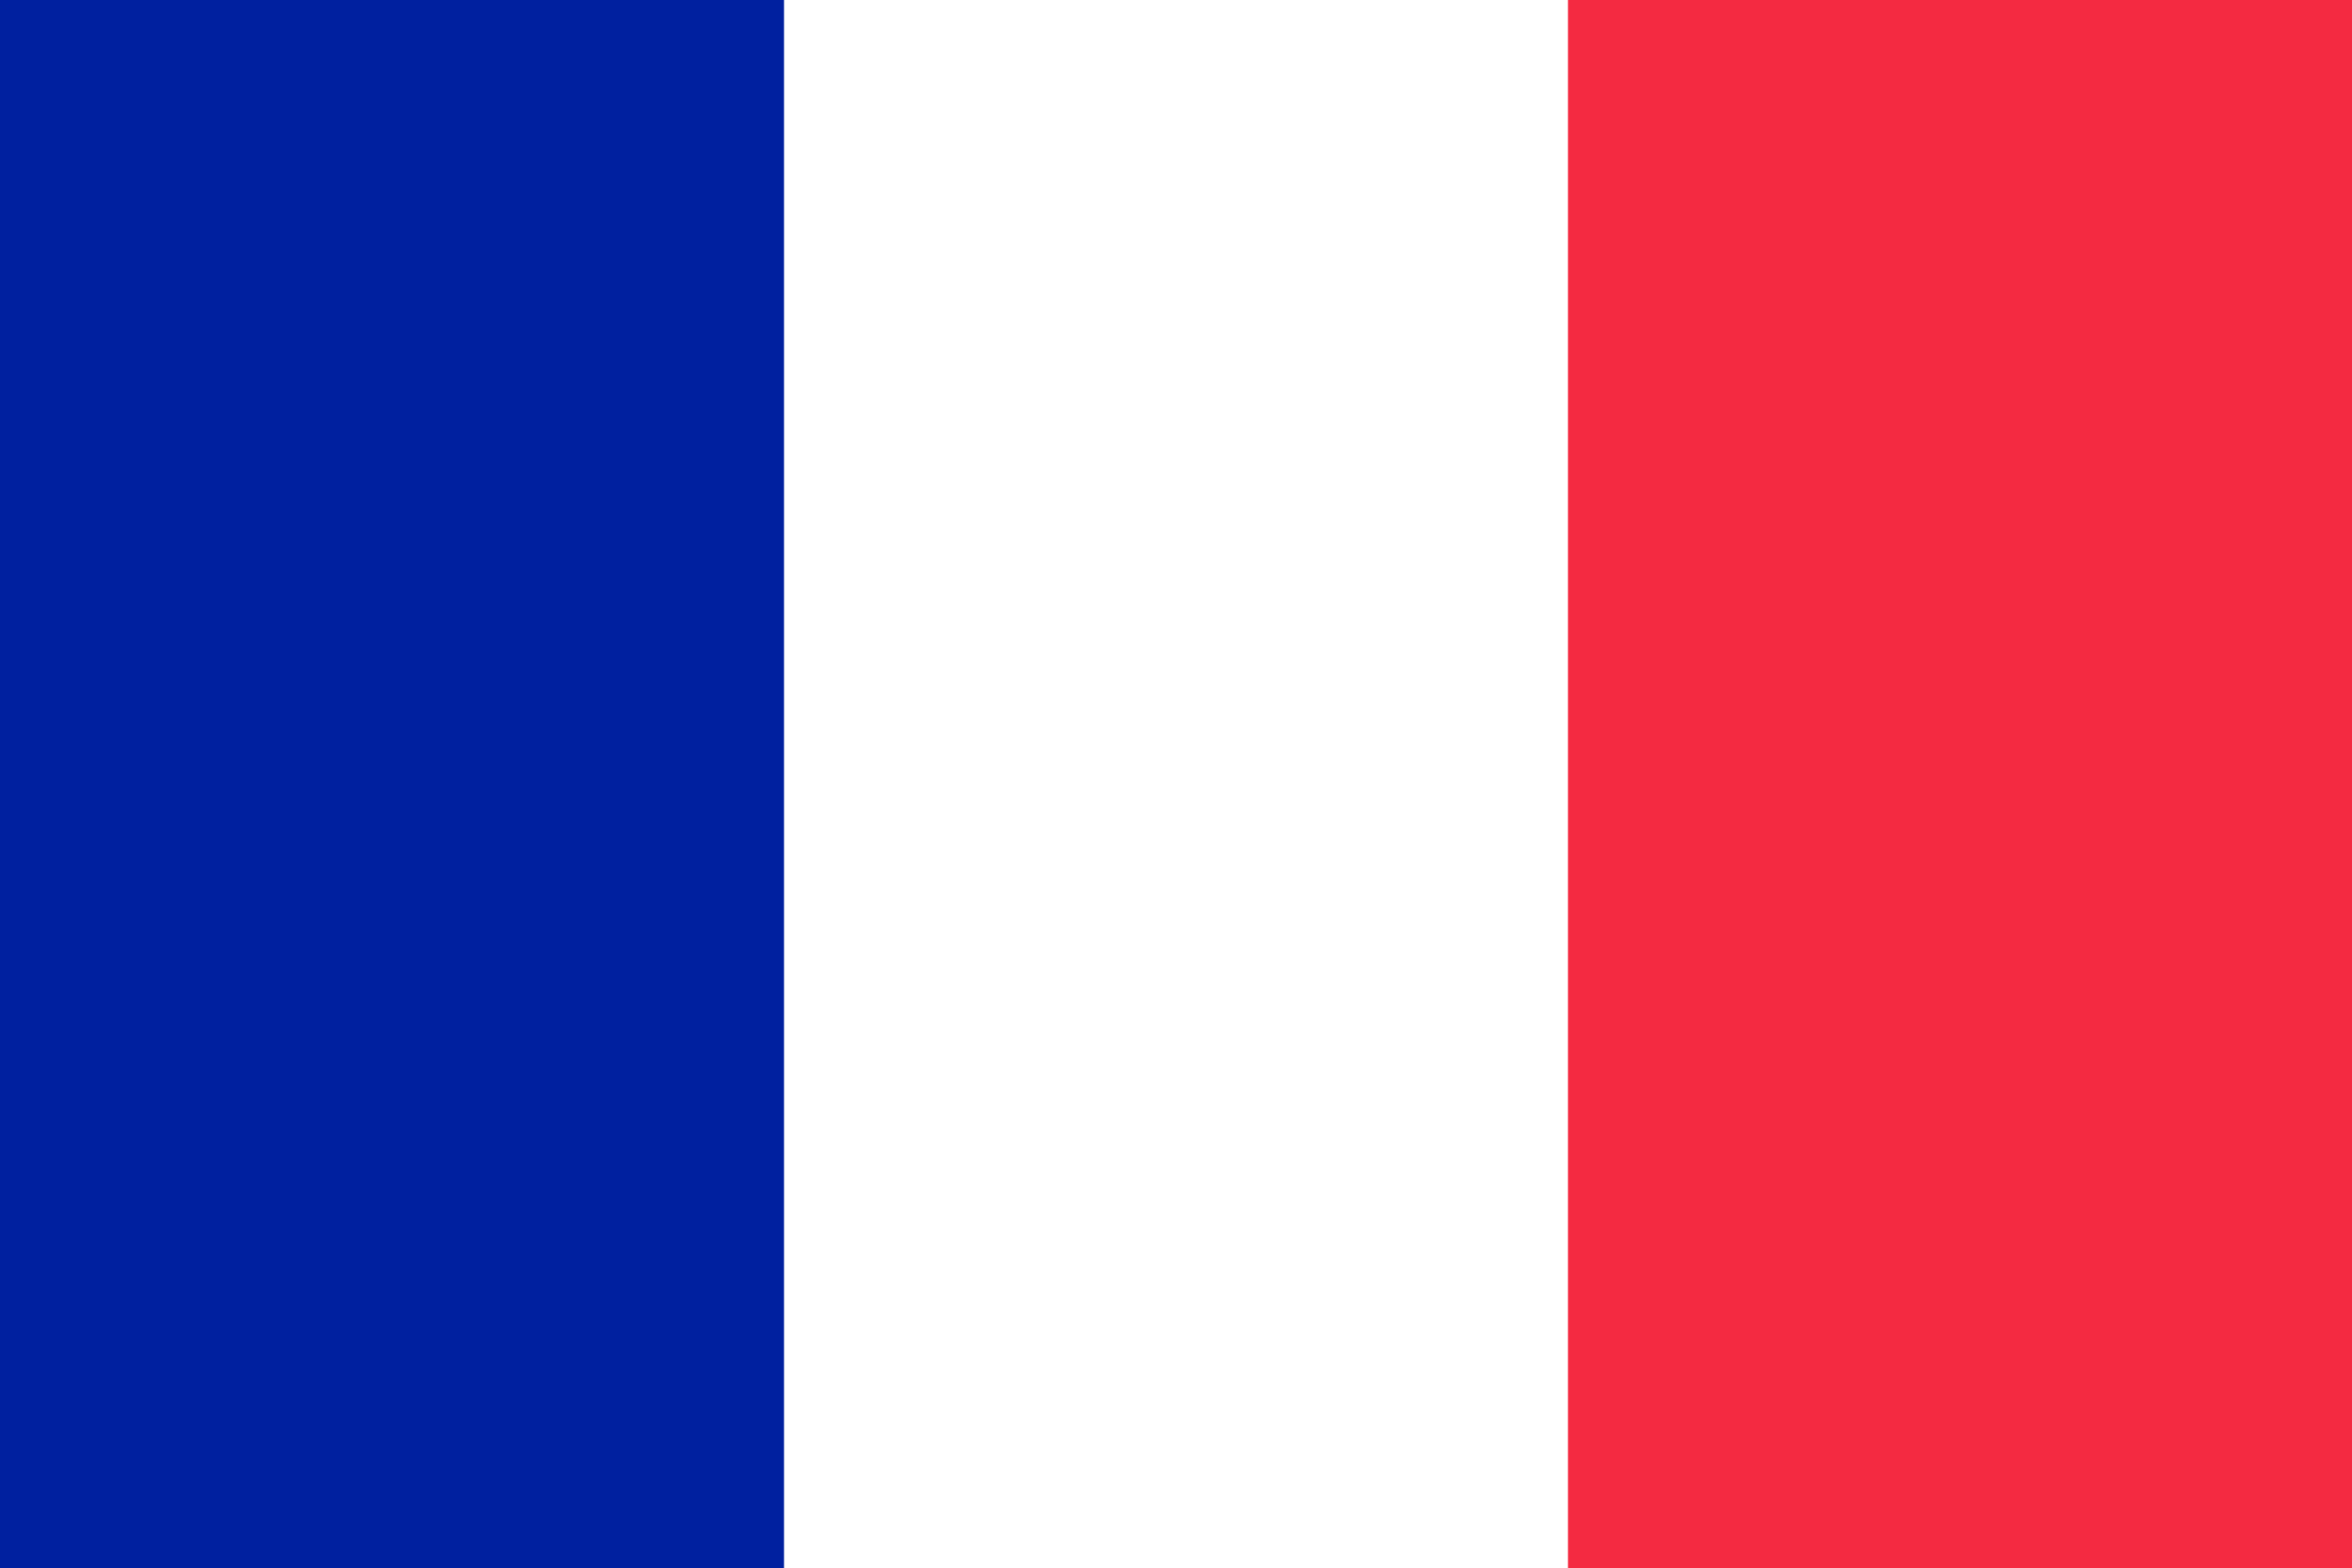 Frankreich, Land, Emblem, Logo, Symbol - Wallpaper HD - Prof.-falken.com